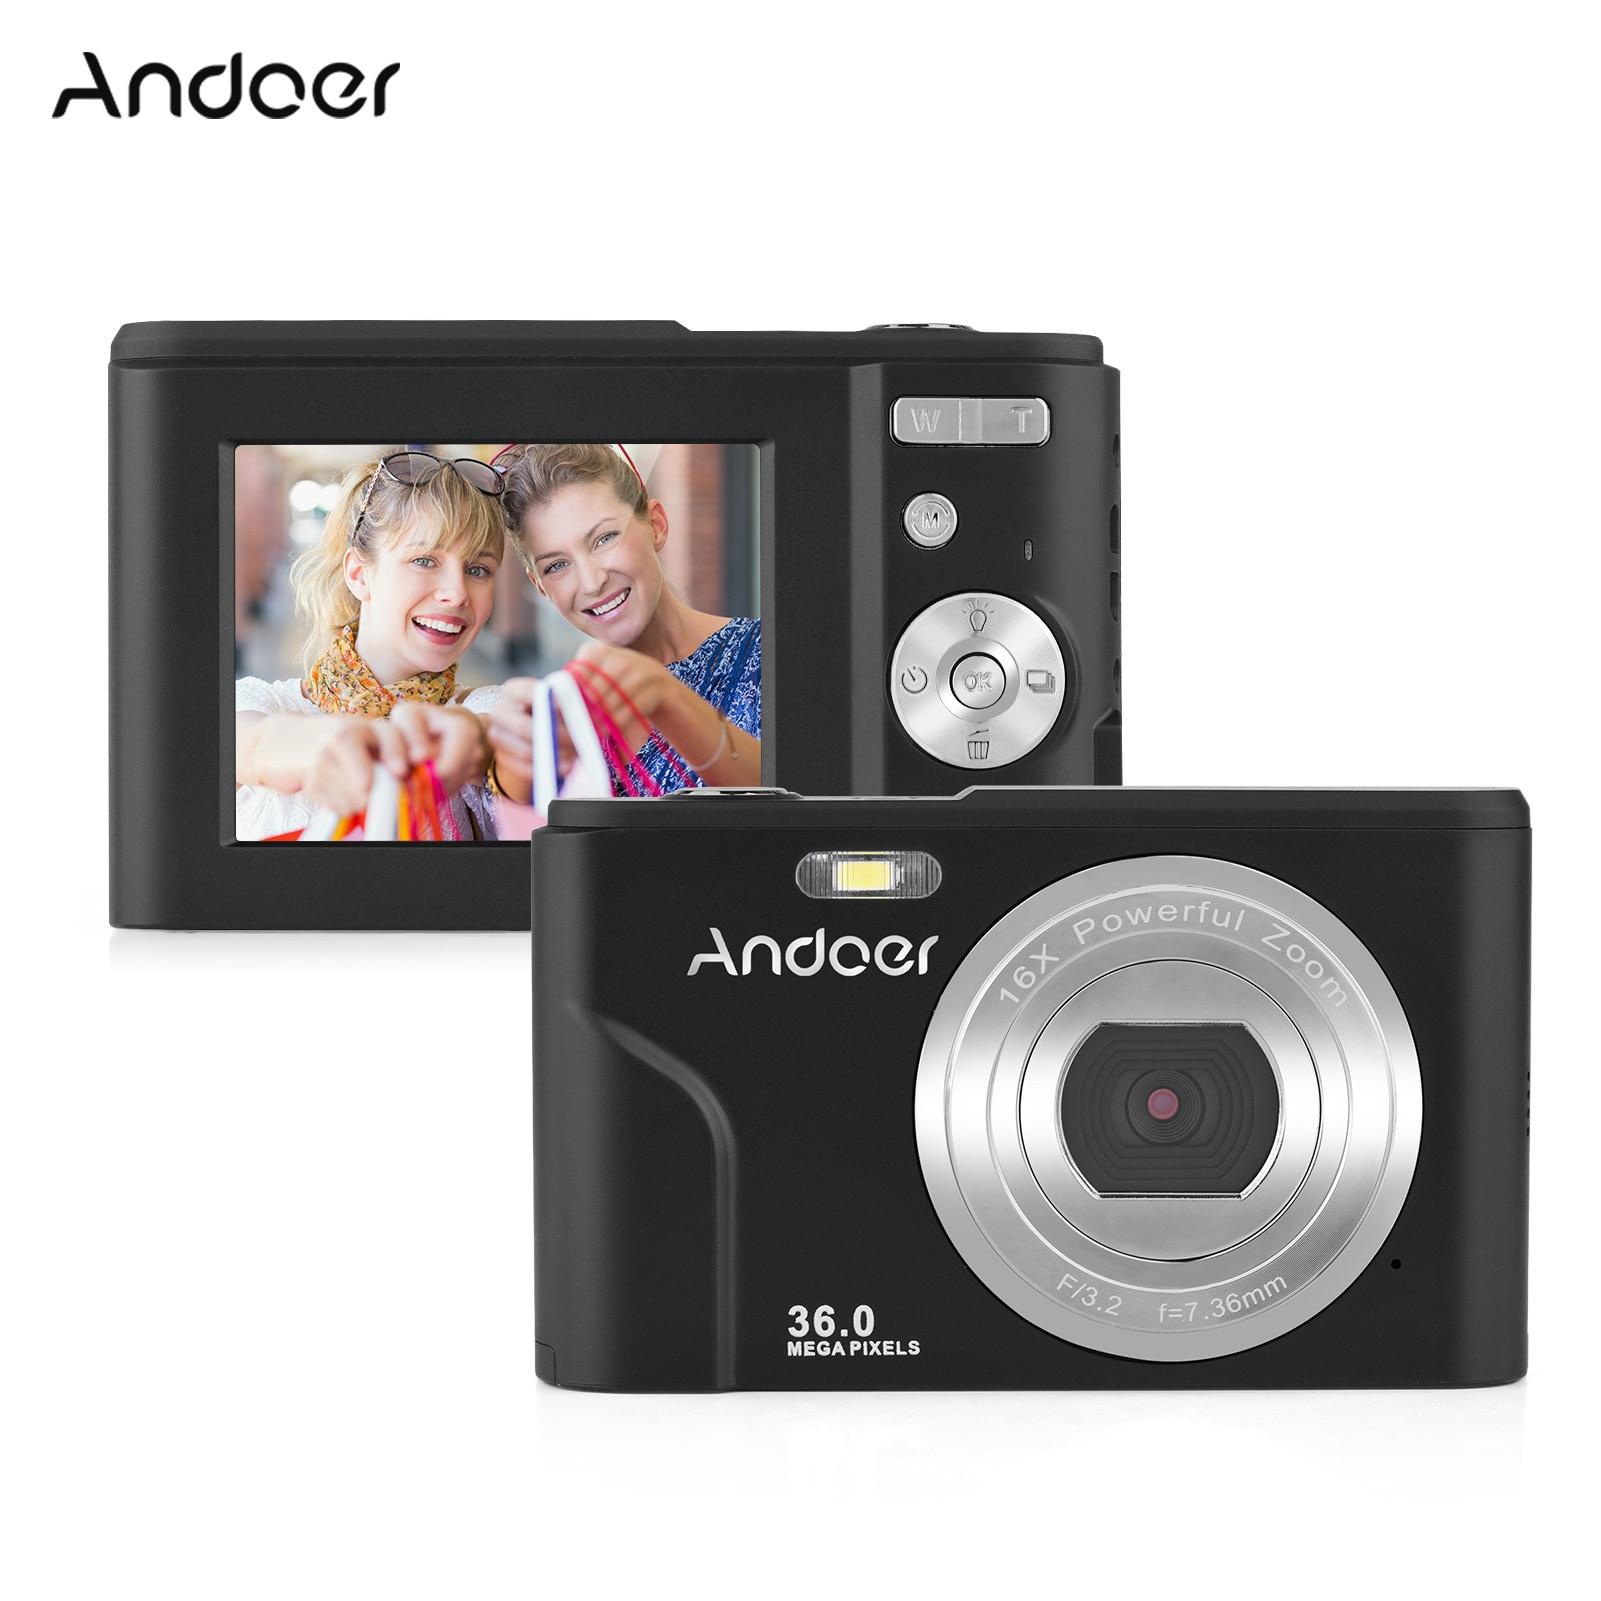 Andoer-cámara Digital 1080P con 2 uds. De batería integrada, detección facial Anti-vibración, montaje 1/4 con correa de mano, bolsa de transporte